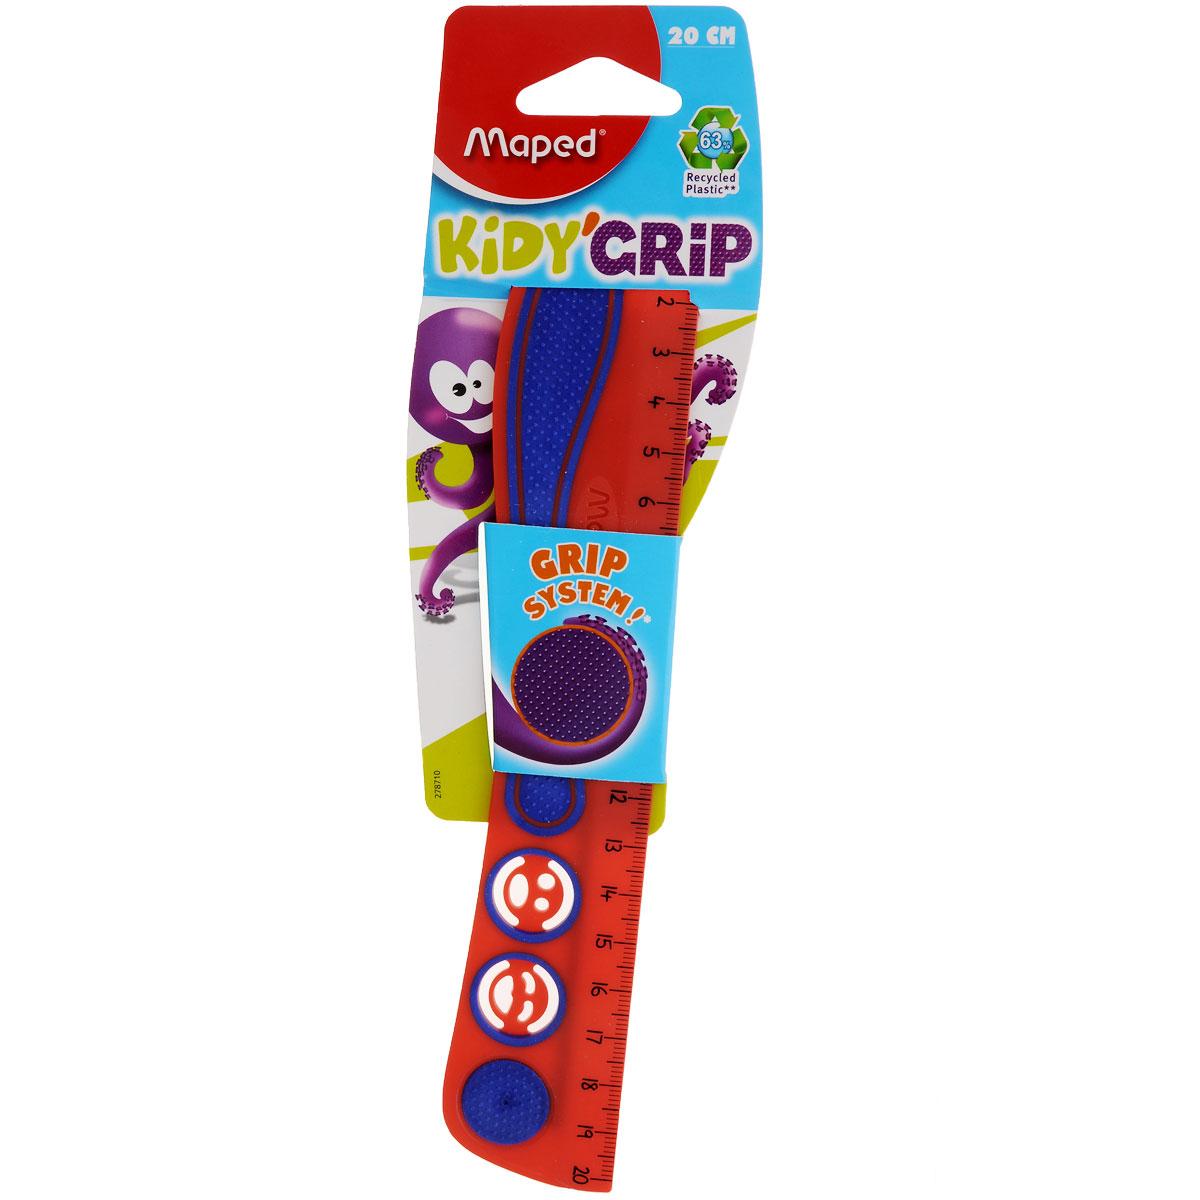 Линейка Maped Кidi Grip, нескользящая, 20 см, цвет: красный, фиолетовый линейка maped twist n flex неломающаяся цвет голубой 20 см